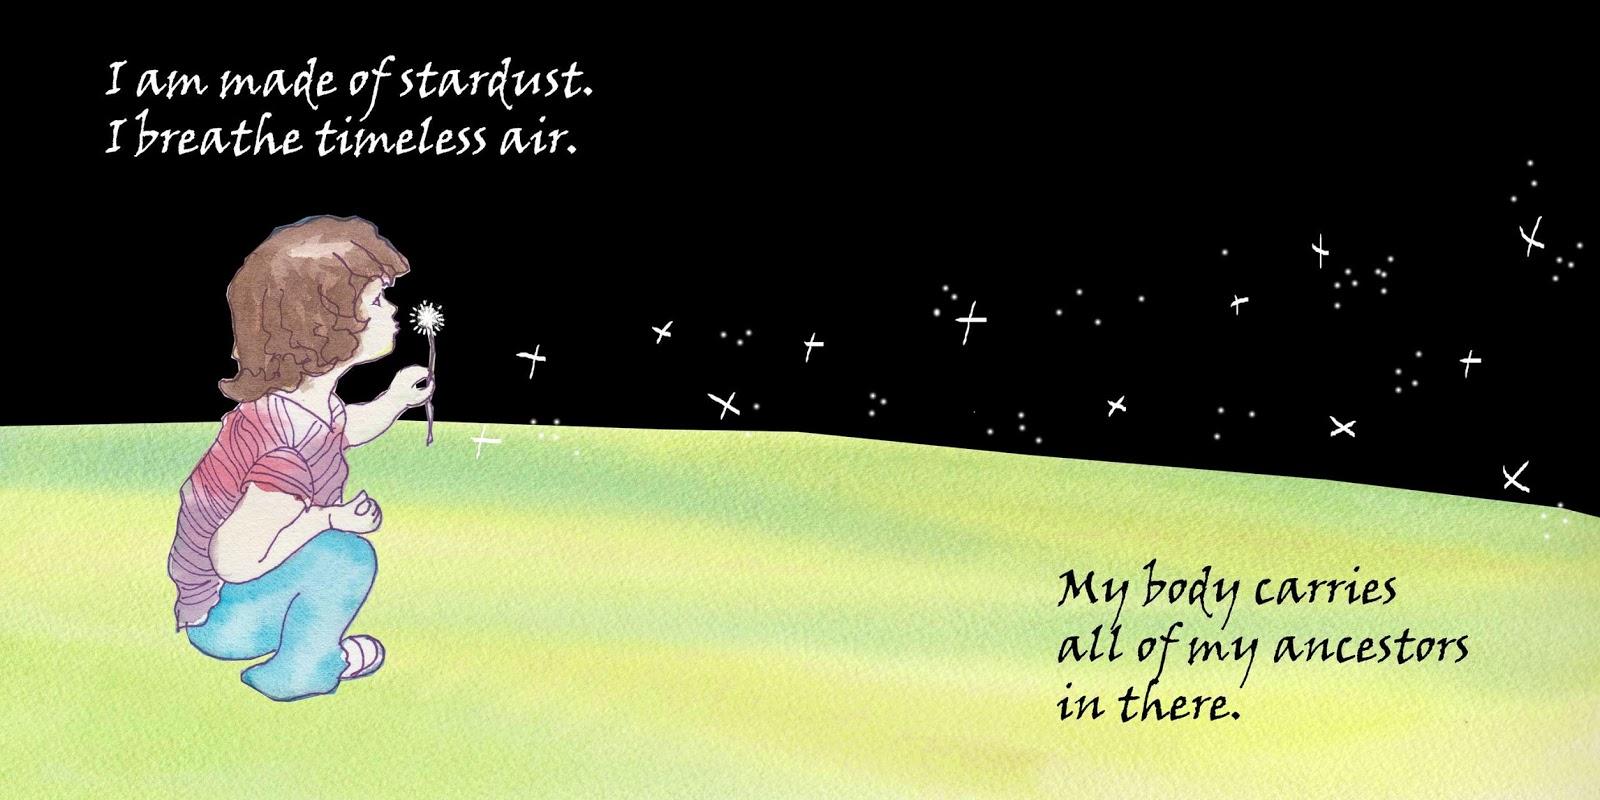 stardust_page1.jpg